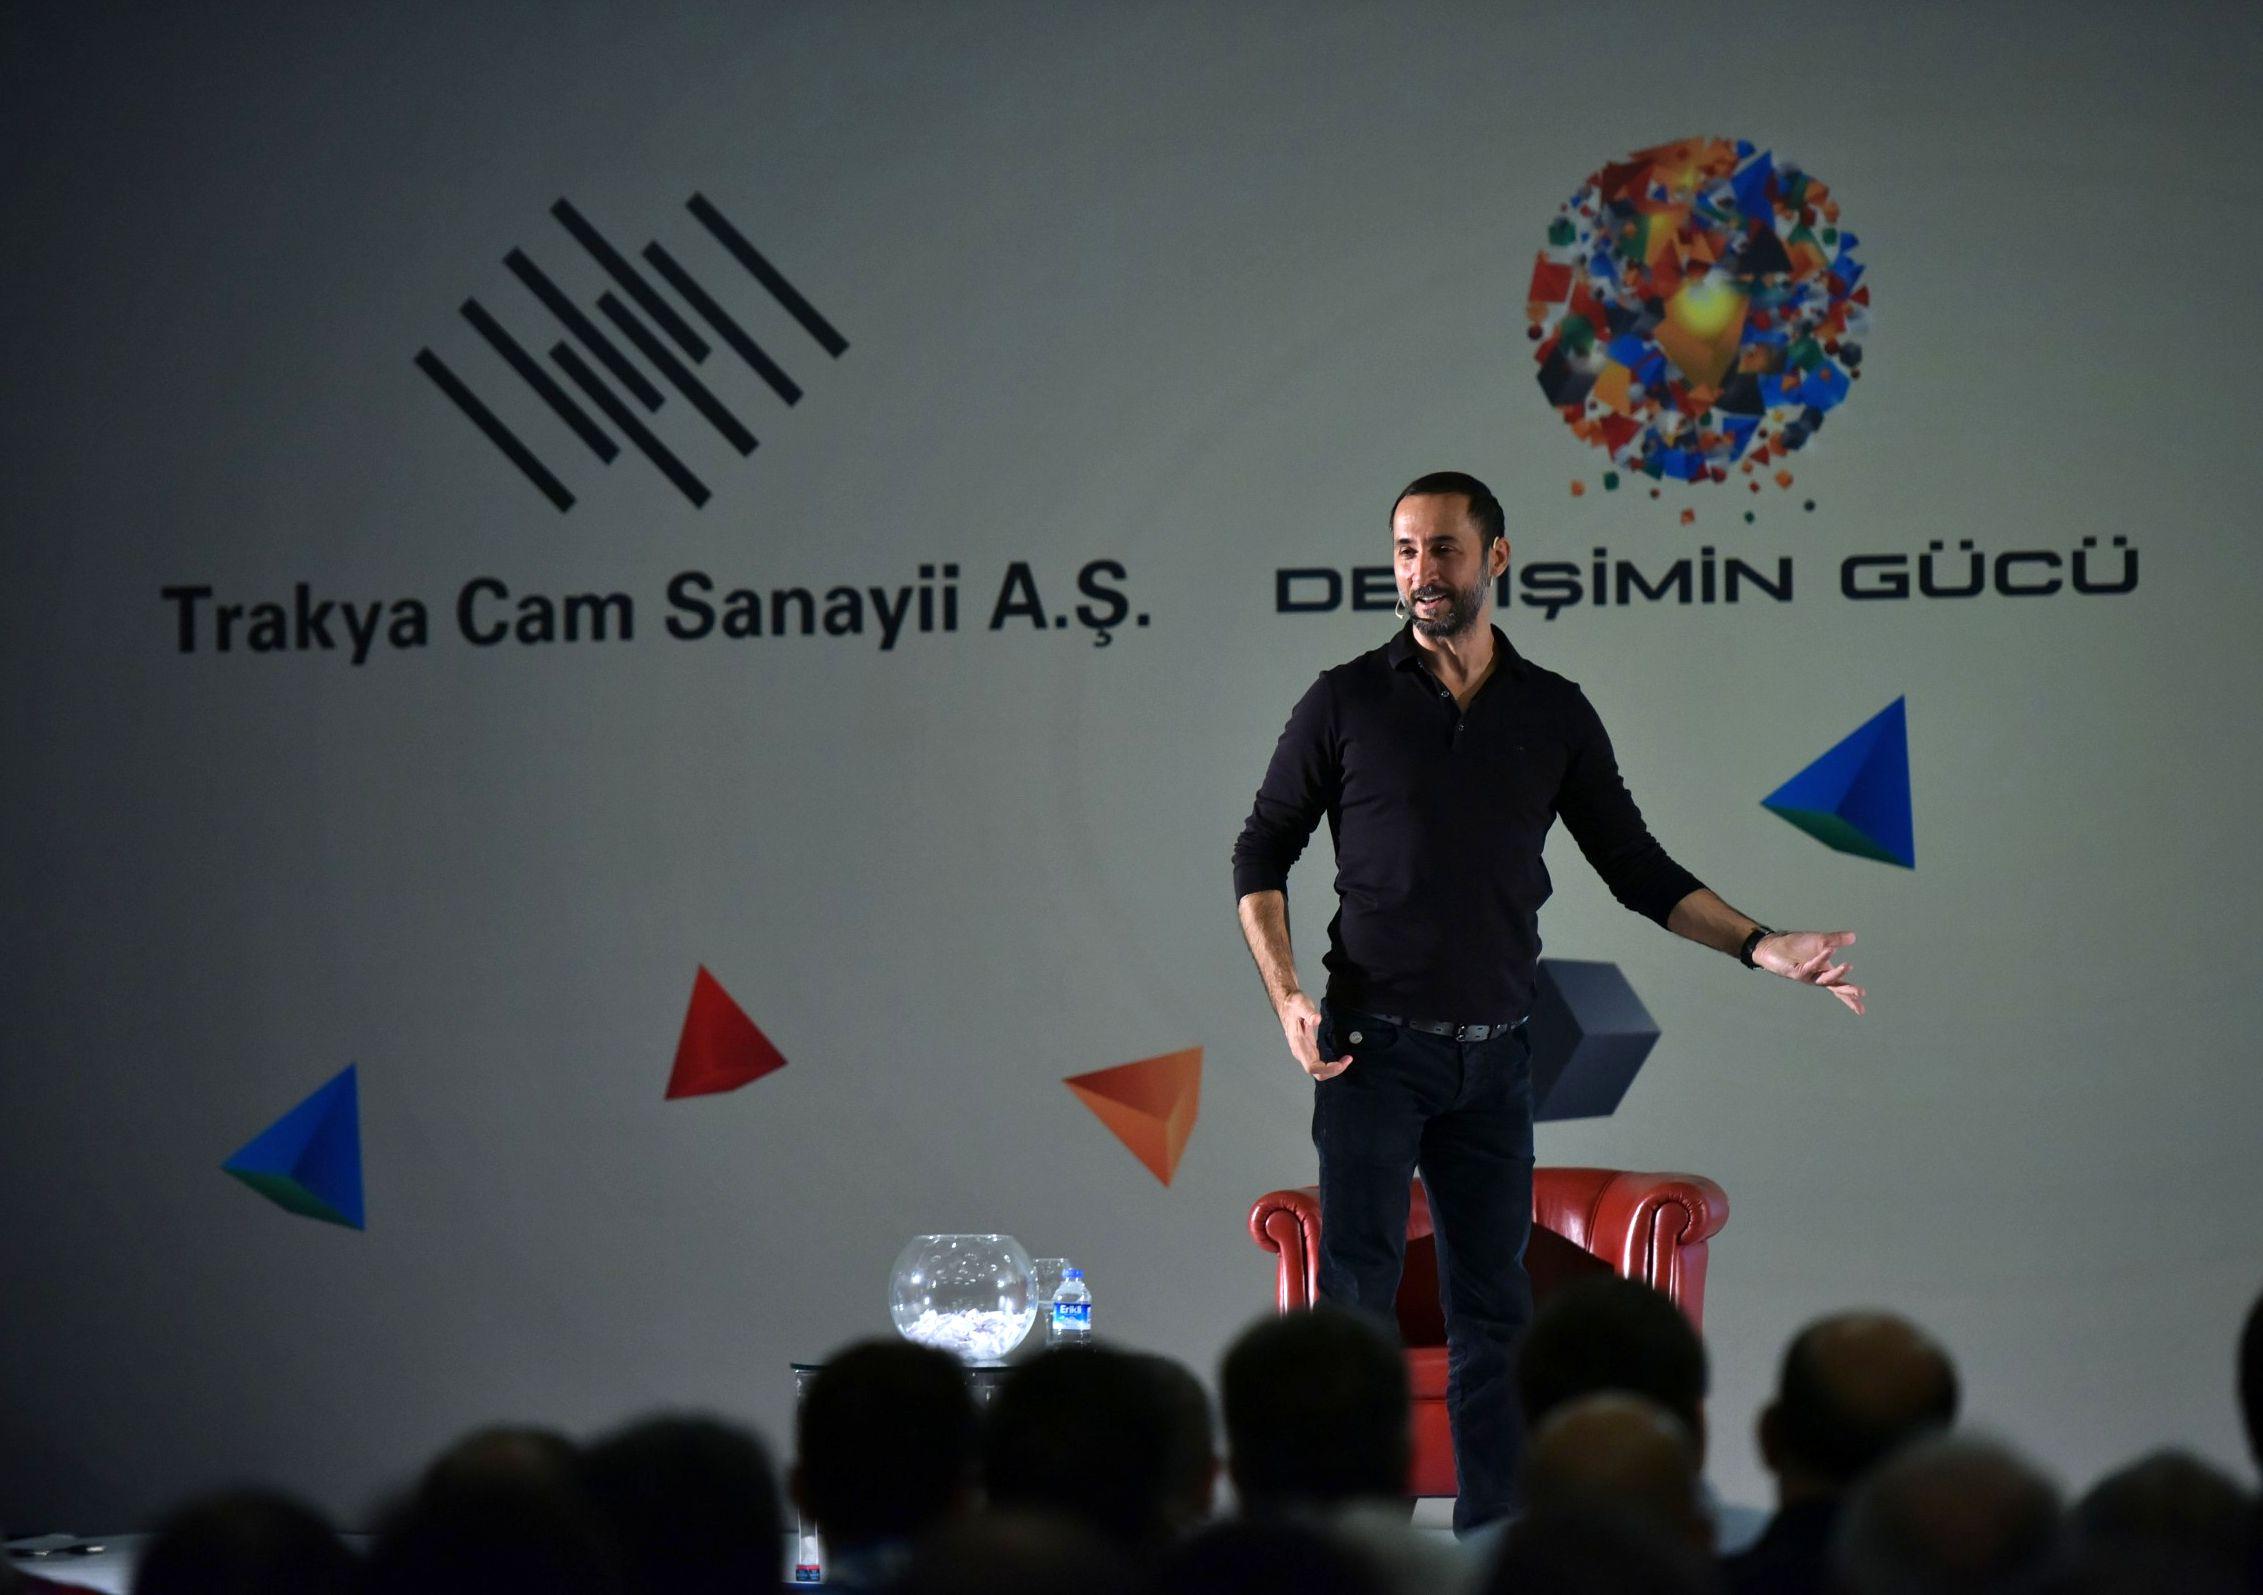 Semih Sayginer